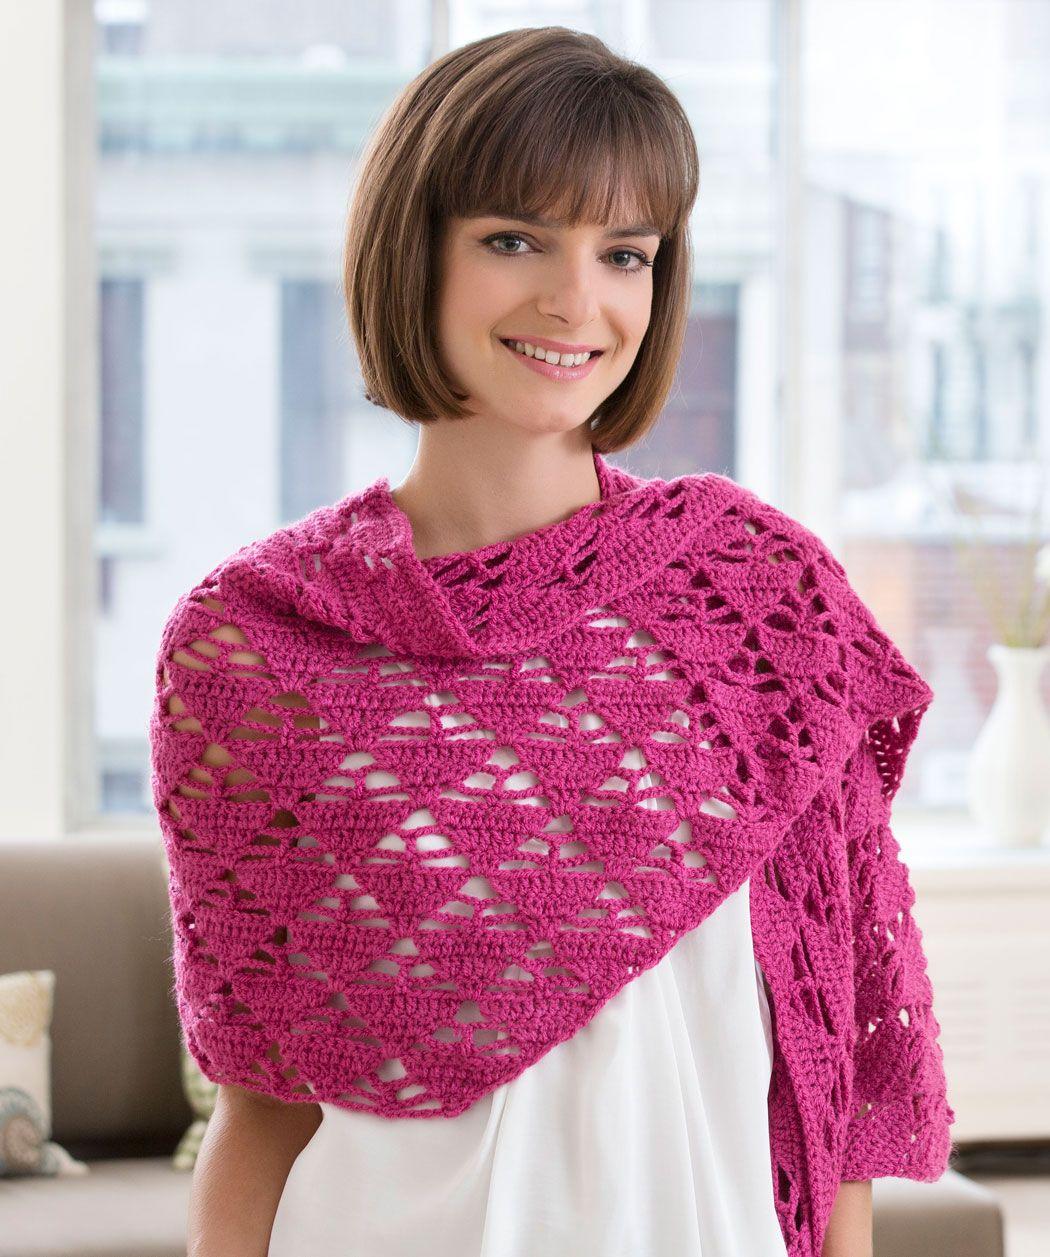 Sabrinas Schal   red heart yarn   Pinterest   Schals, Kombination ...